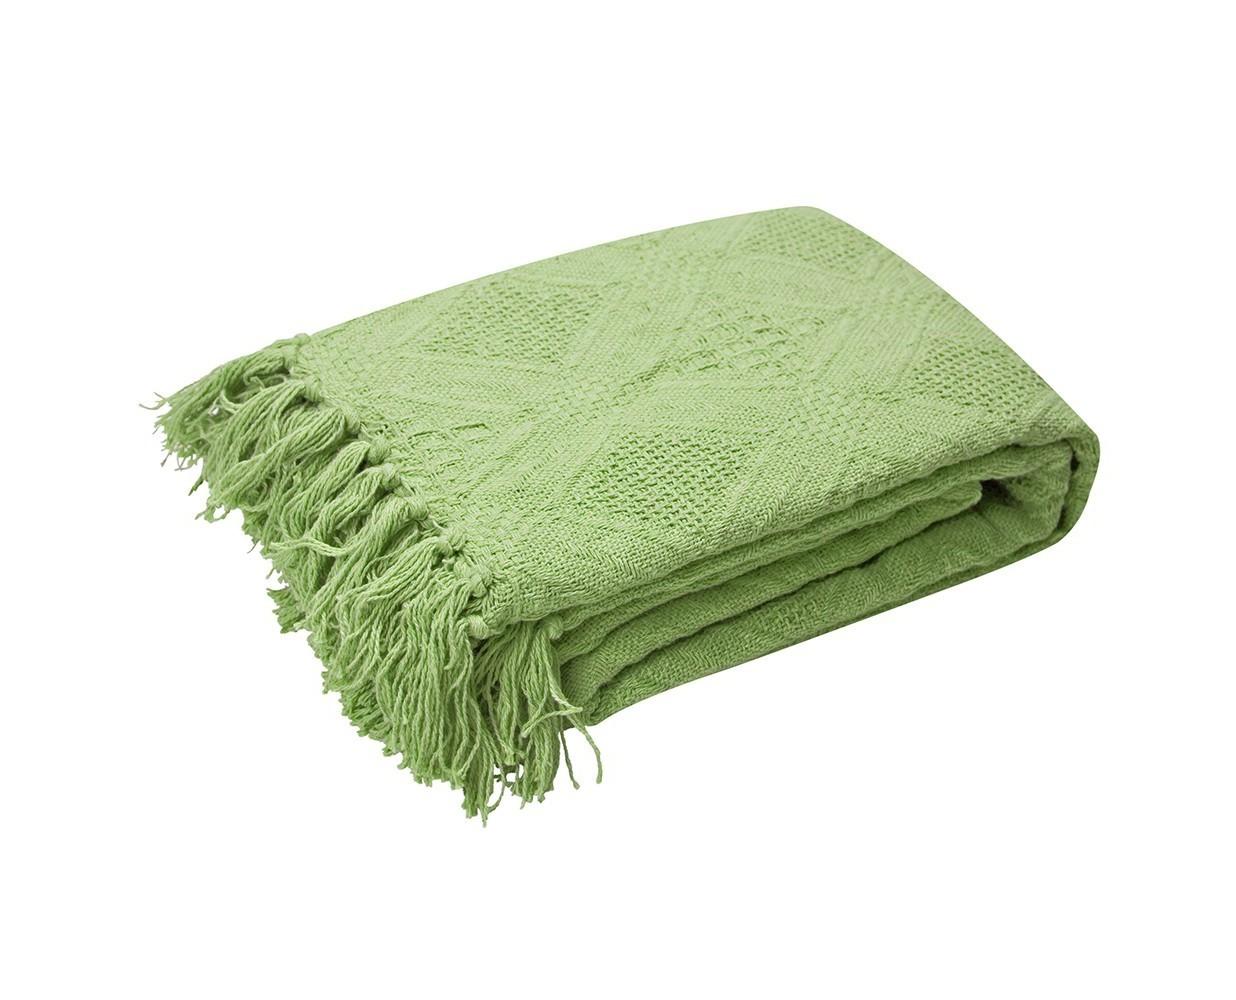 Покрывало Зелёный чайПокрывала<br>Хлопковое объемное вязаное покрывало зеленого цвета.&amp;amp;nbsp;&amp;lt;div&amp;gt;Край покрывала оформлен кистями.&amp;amp;nbsp;&amp;lt;div&amp;gt;Плотность 330г/м&amp;lt;/div&amp;gt;&amp;lt;/div&amp;gt;<br><br>Material: Хлопок<br>Length см: None<br>Width см: 160<br>Depth см: 220<br>Height см: None<br>Diameter см: None